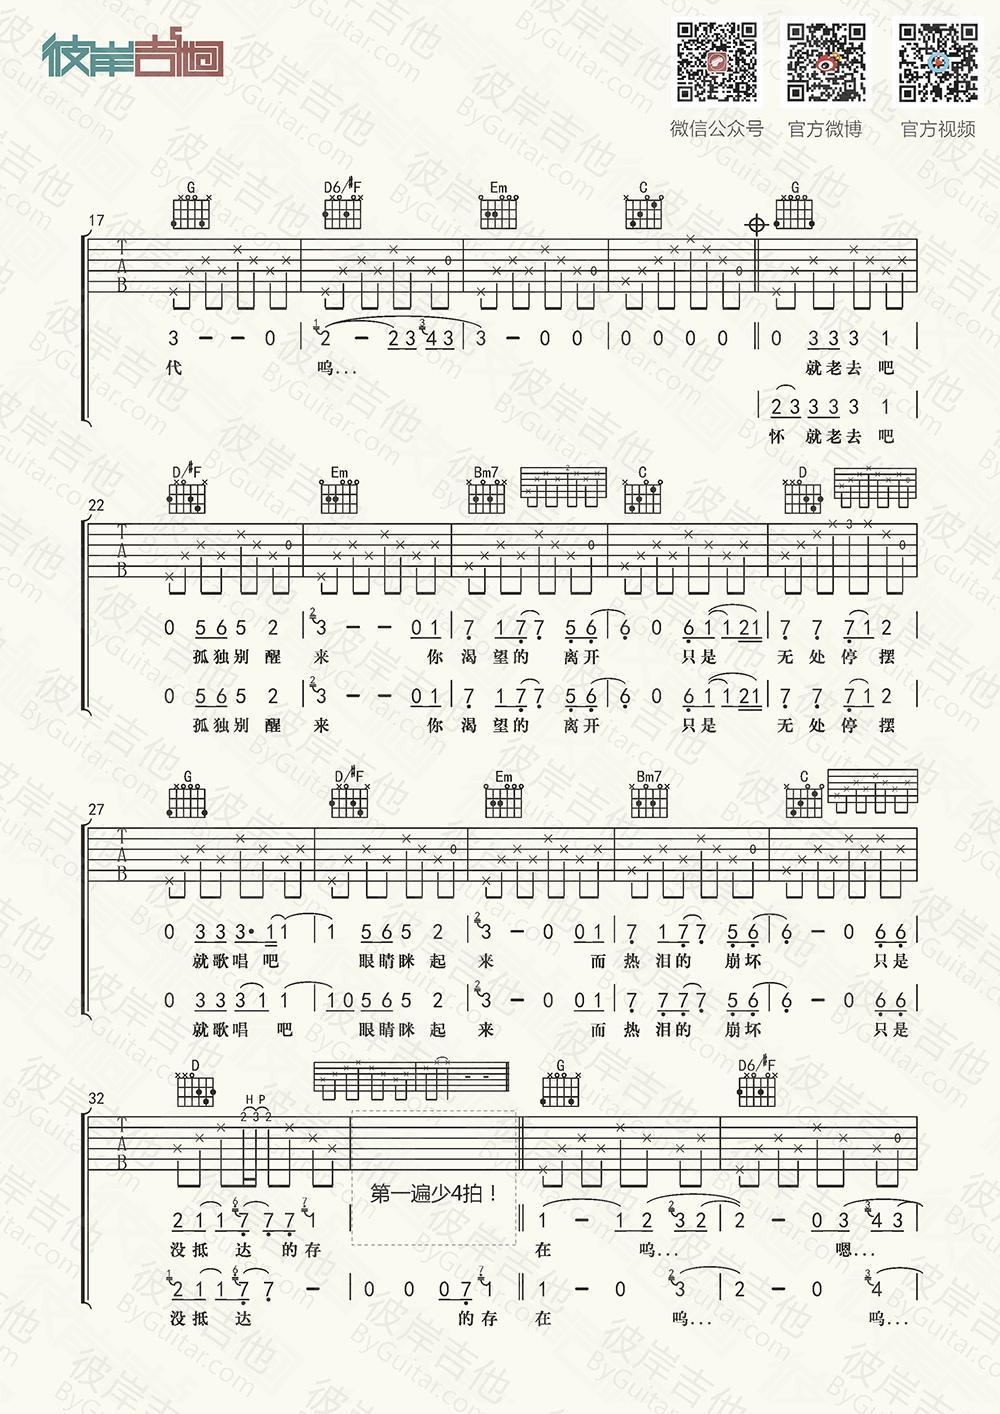 陈鸿宇 理想三旬 吉他谱之吉他弹唱教学之完整示范